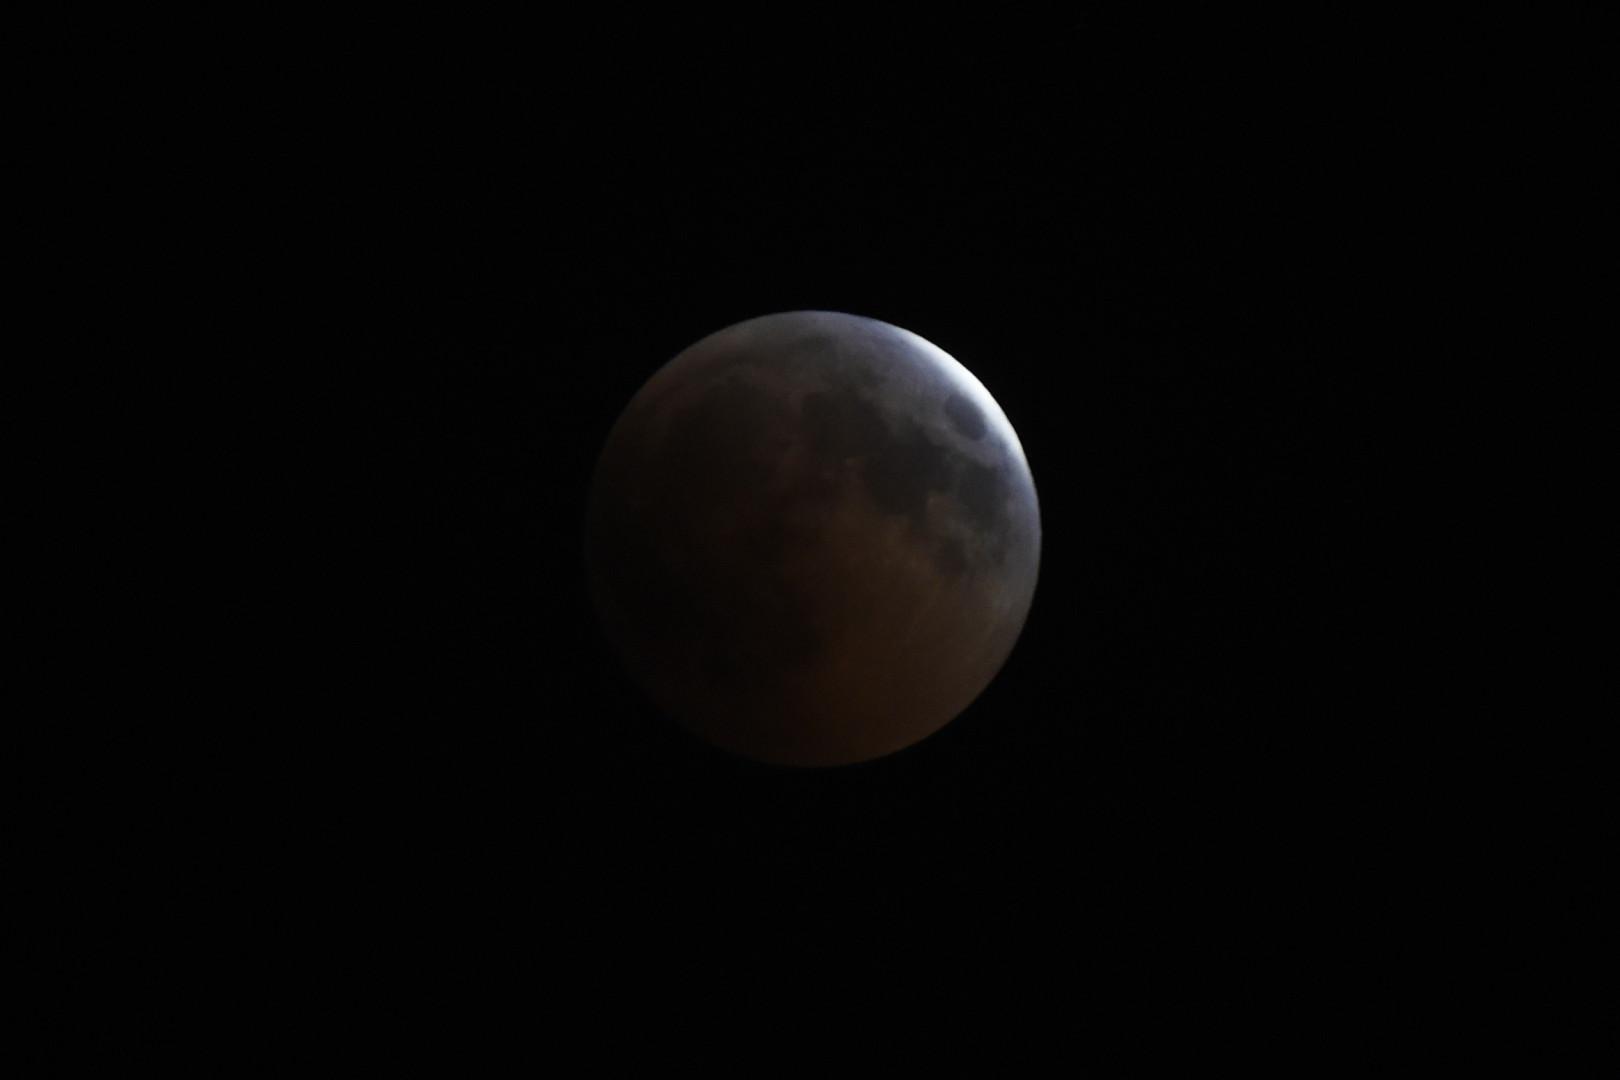 L'éclipse de Lune vue depuis Le Caire (Égypte), le 27 juillet 2018